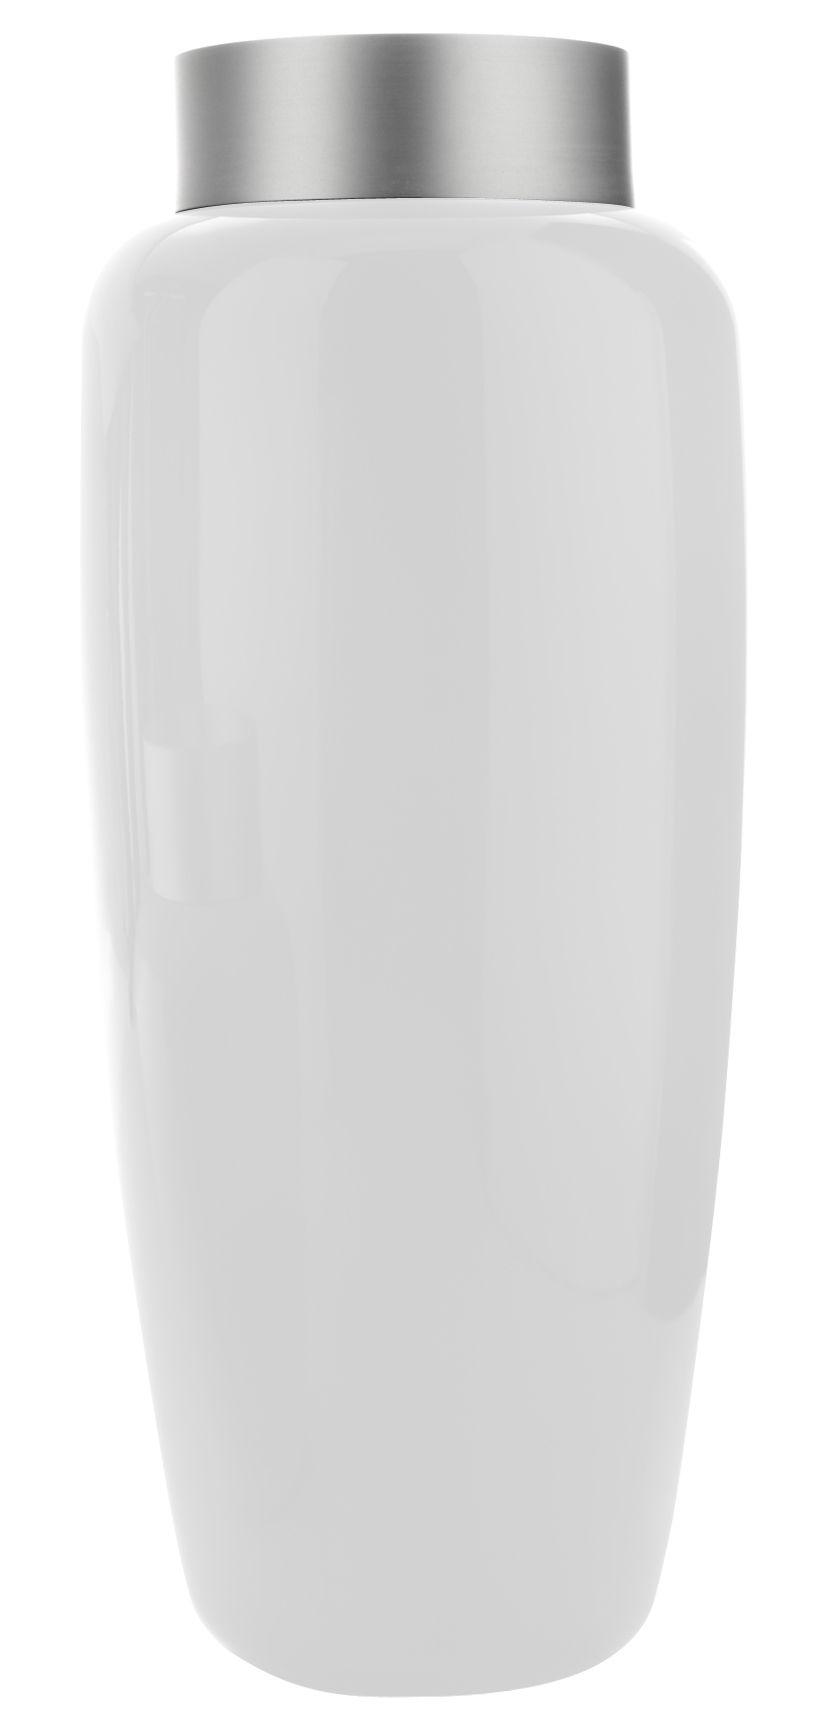 Jardin - Pots et plantes - Pot de fleurs Sevres High / H 100 cm - Serralunga - Blanc mat - Aluminium anodisé, Polyéthylène